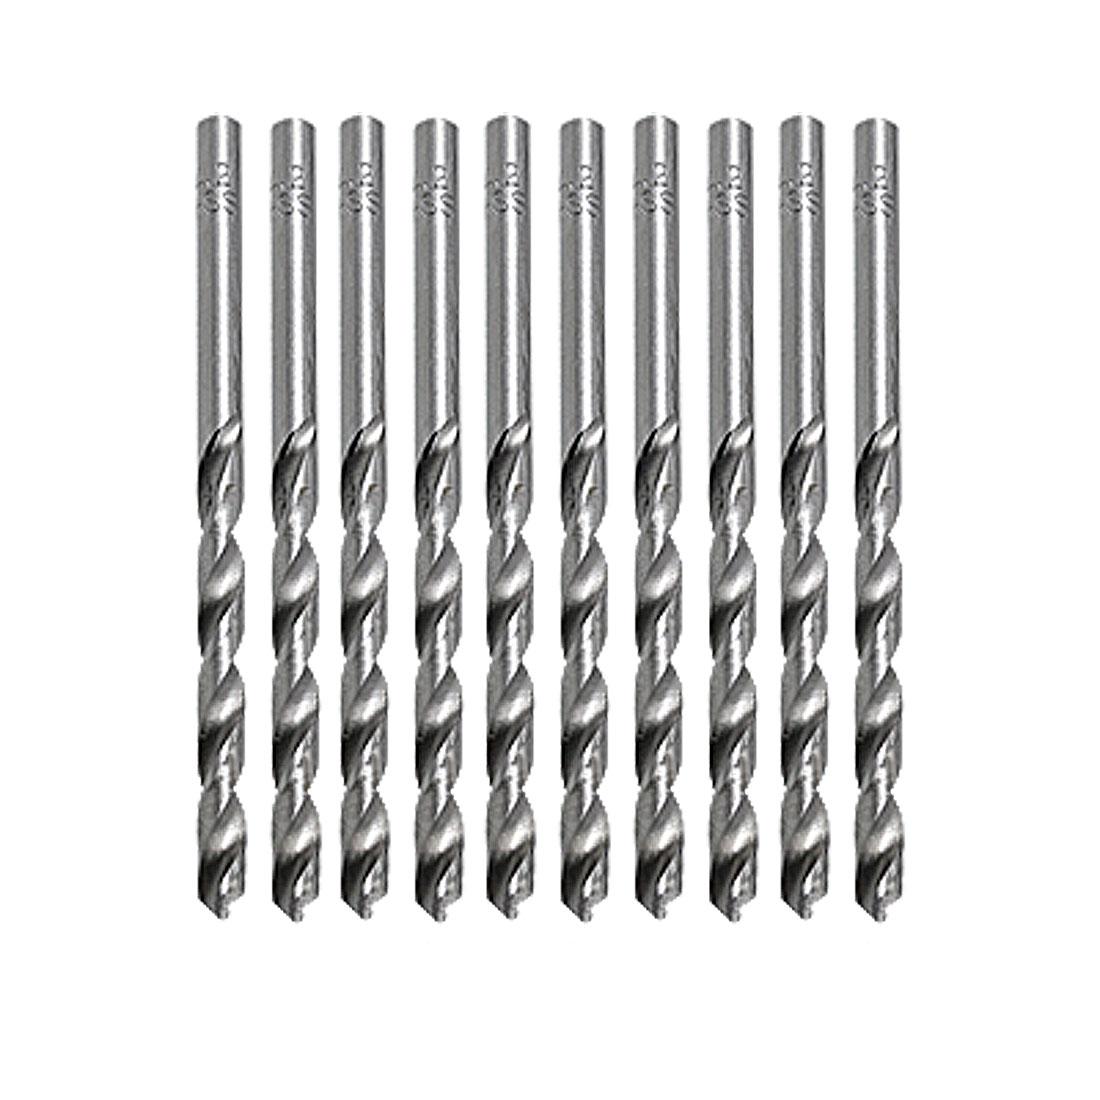 10 pcs 2.5mm Diameter Shank Twist Drill Tip Tool